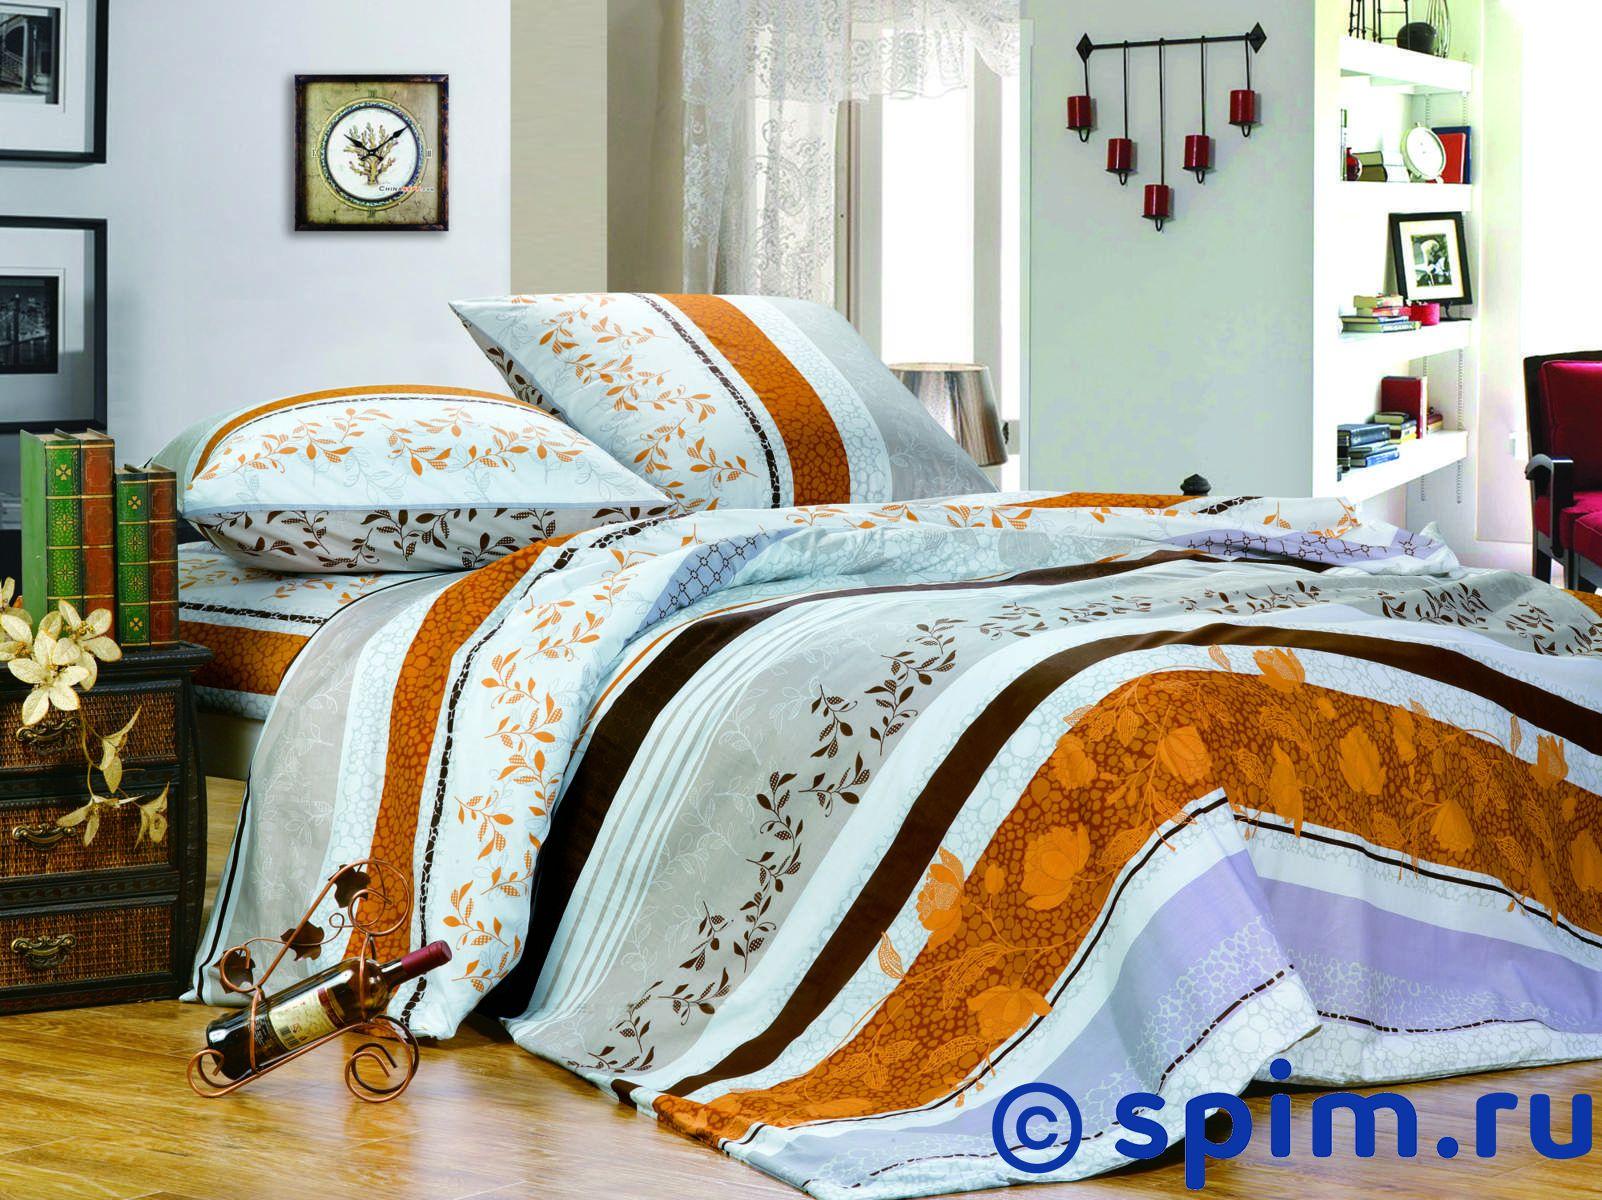 Постельное белье СайлиД А109 1.5 спальное